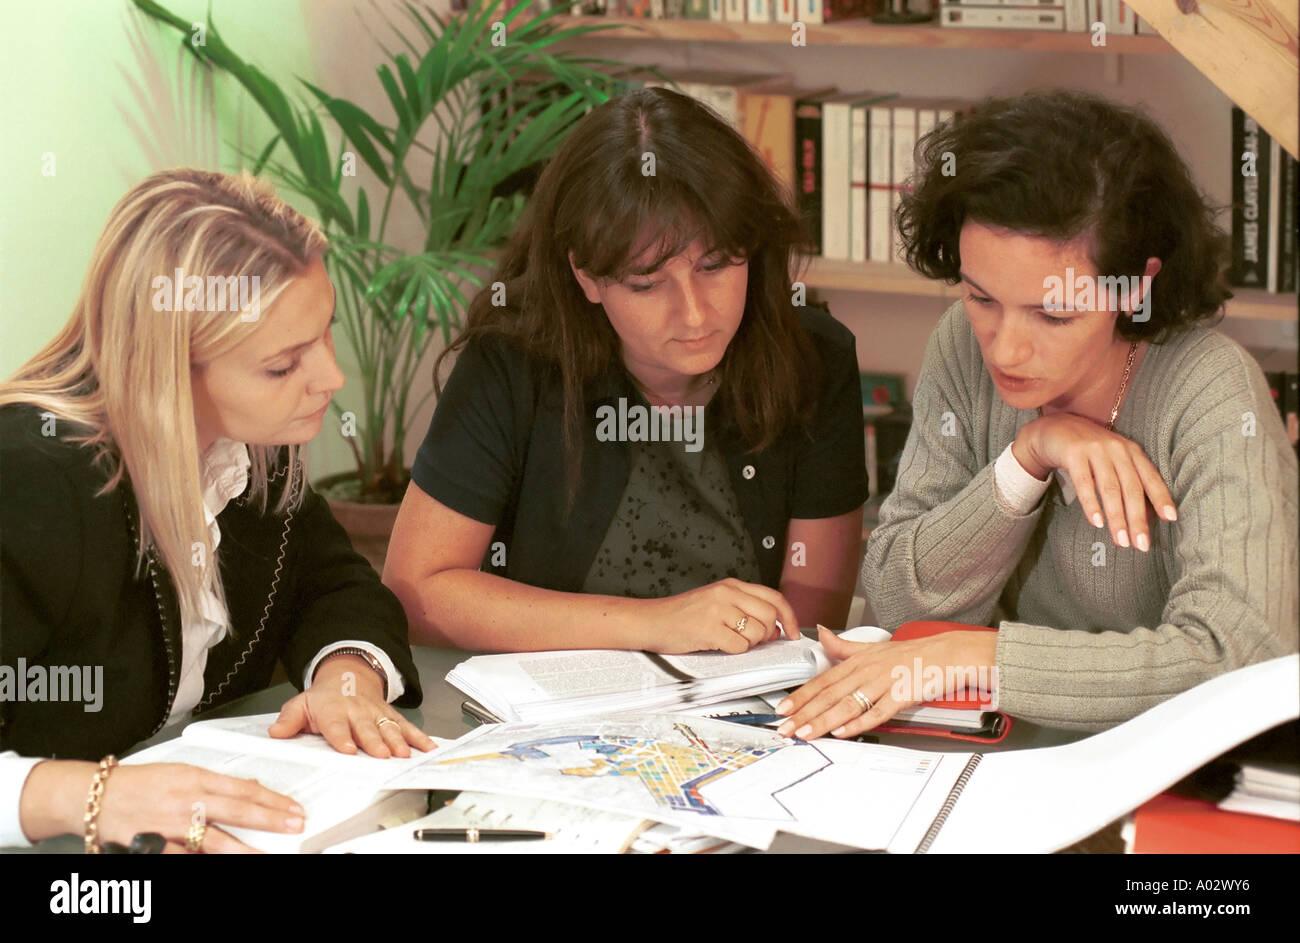 Reunión de Mujeres de Negocios - hablando y trabajando en torno a una mesa de oficina Imagen De Stock